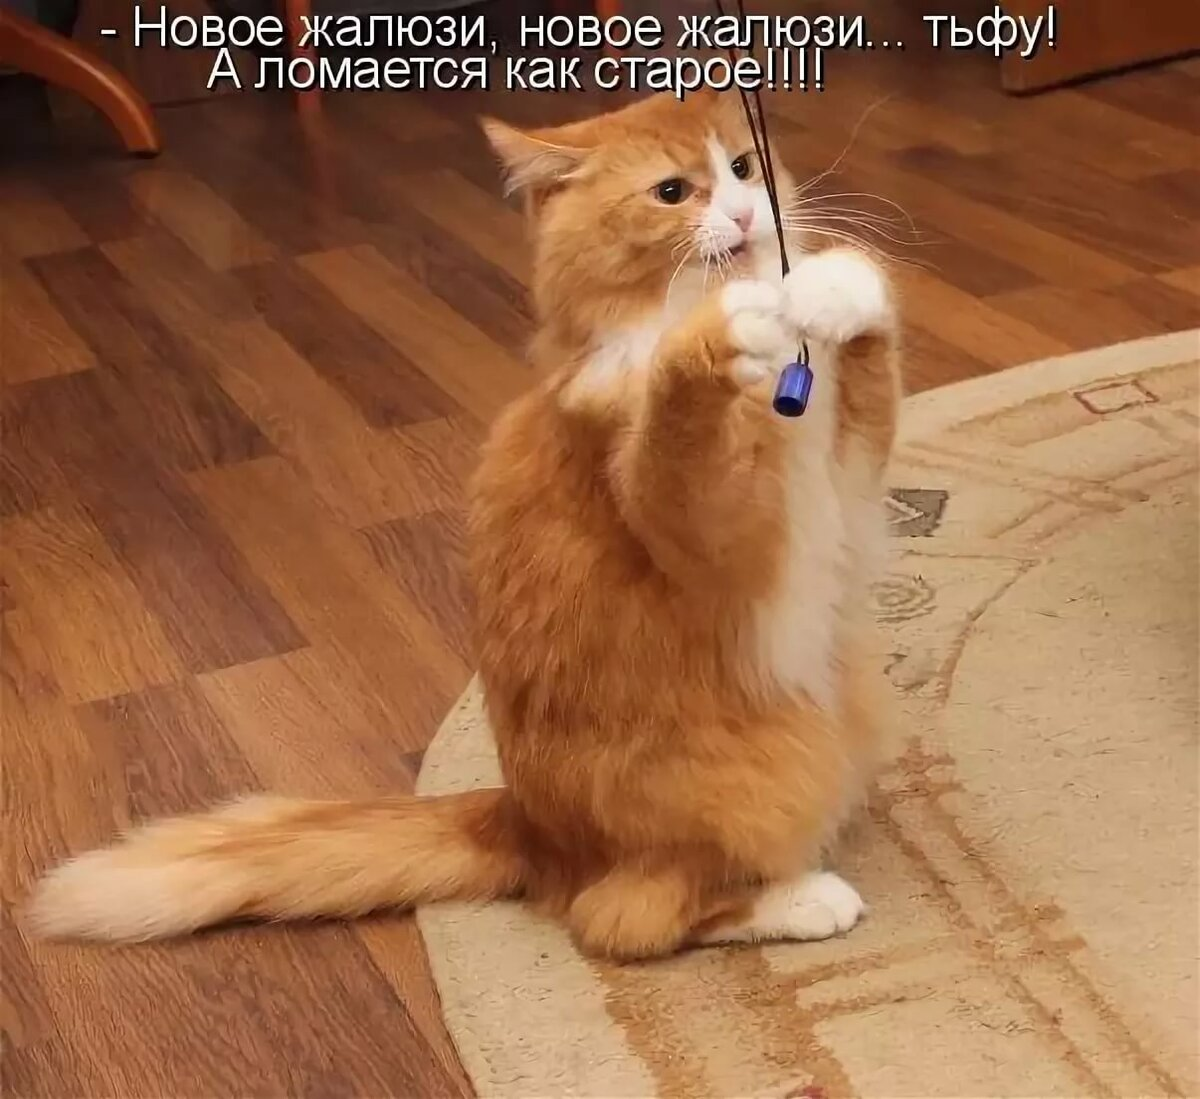 Картинки приколы про кошек и с надписями